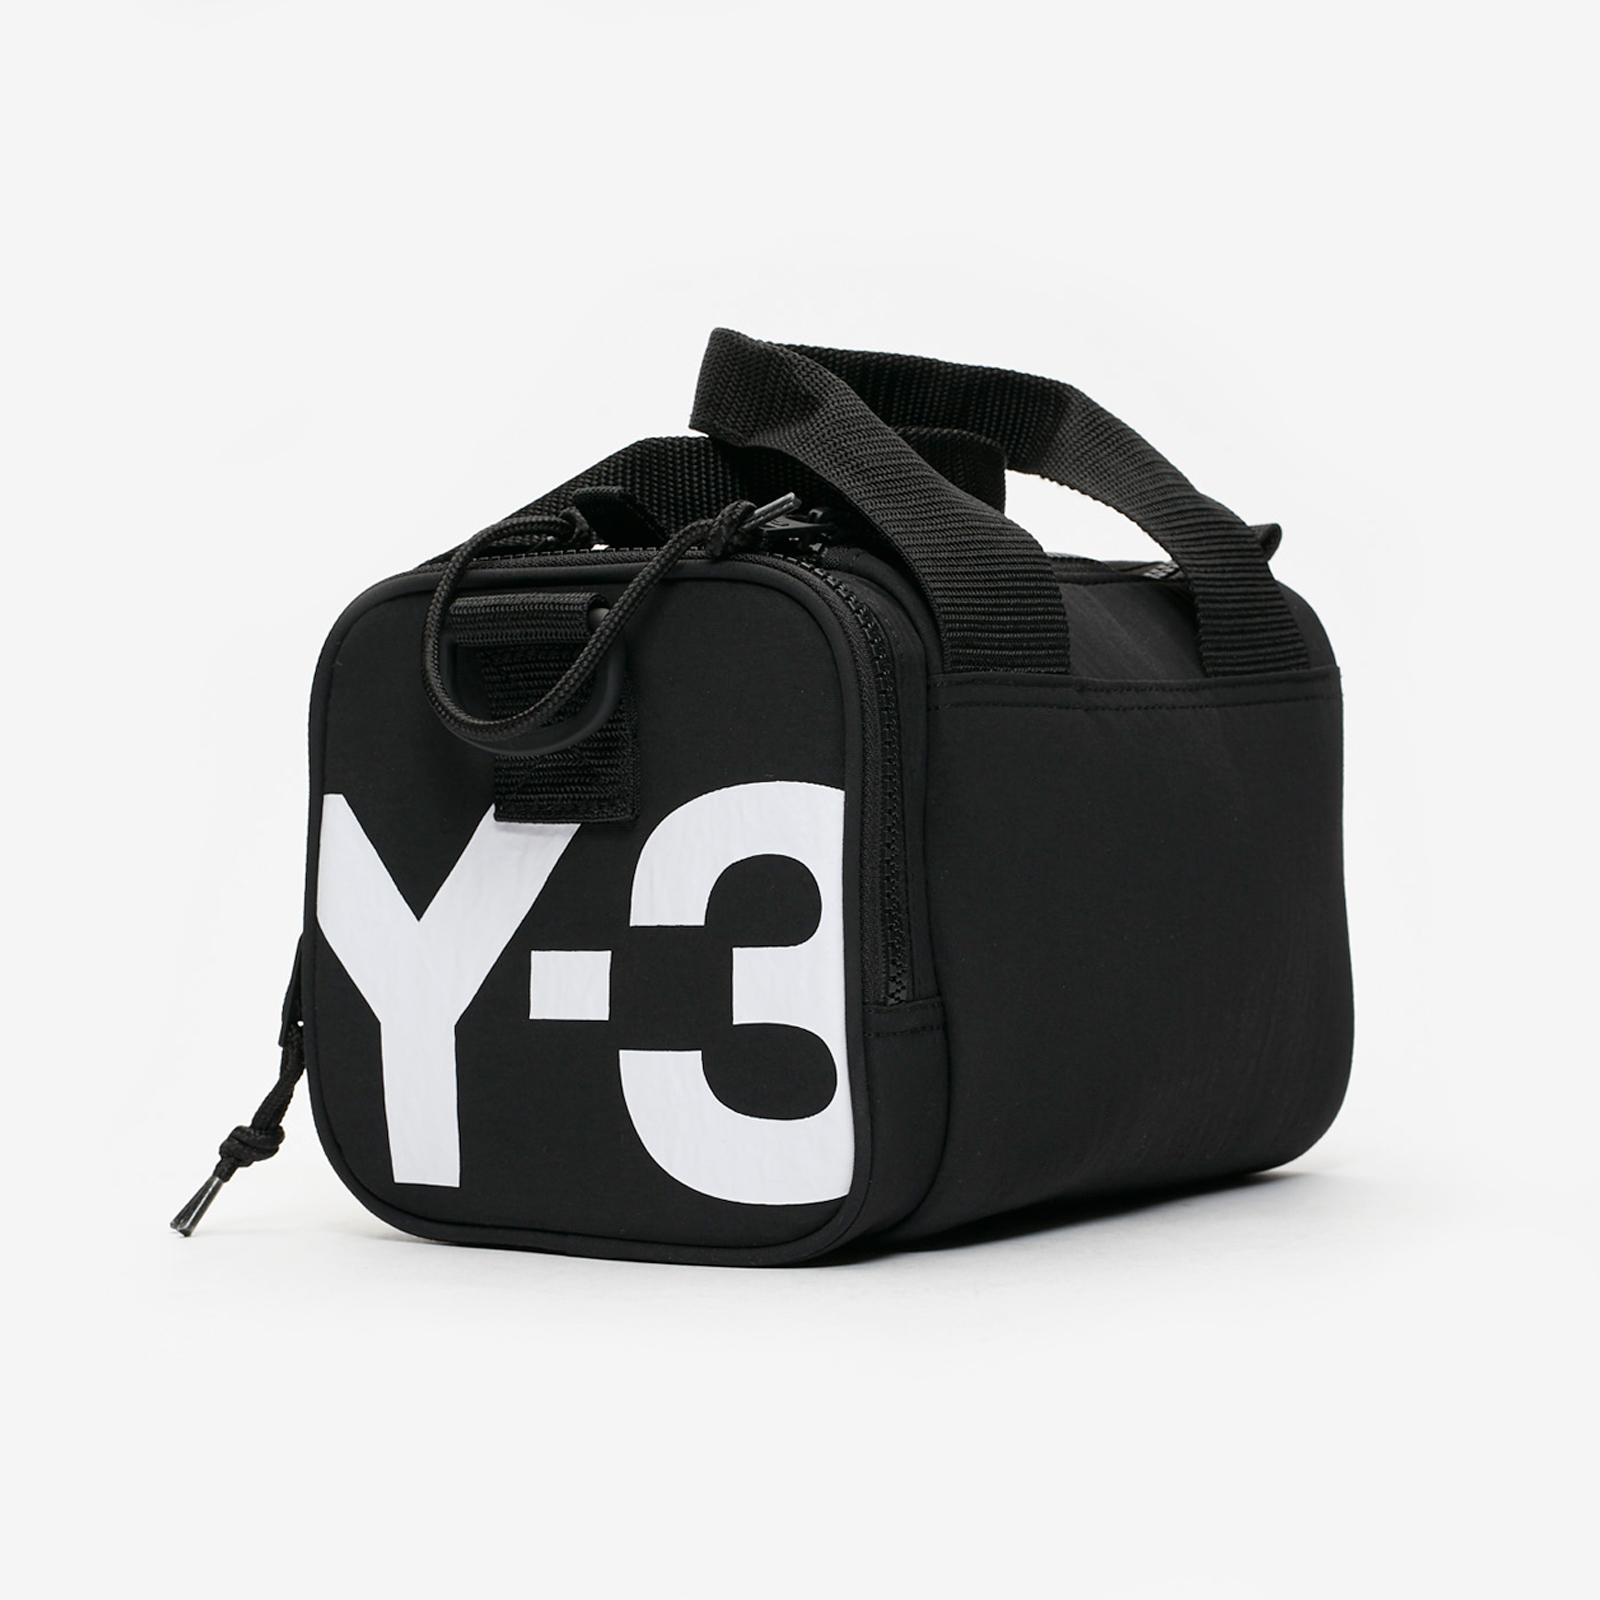 76e828f10 adidas Y-3 Mini Bag - Dy0536 - Sneakersnstuff